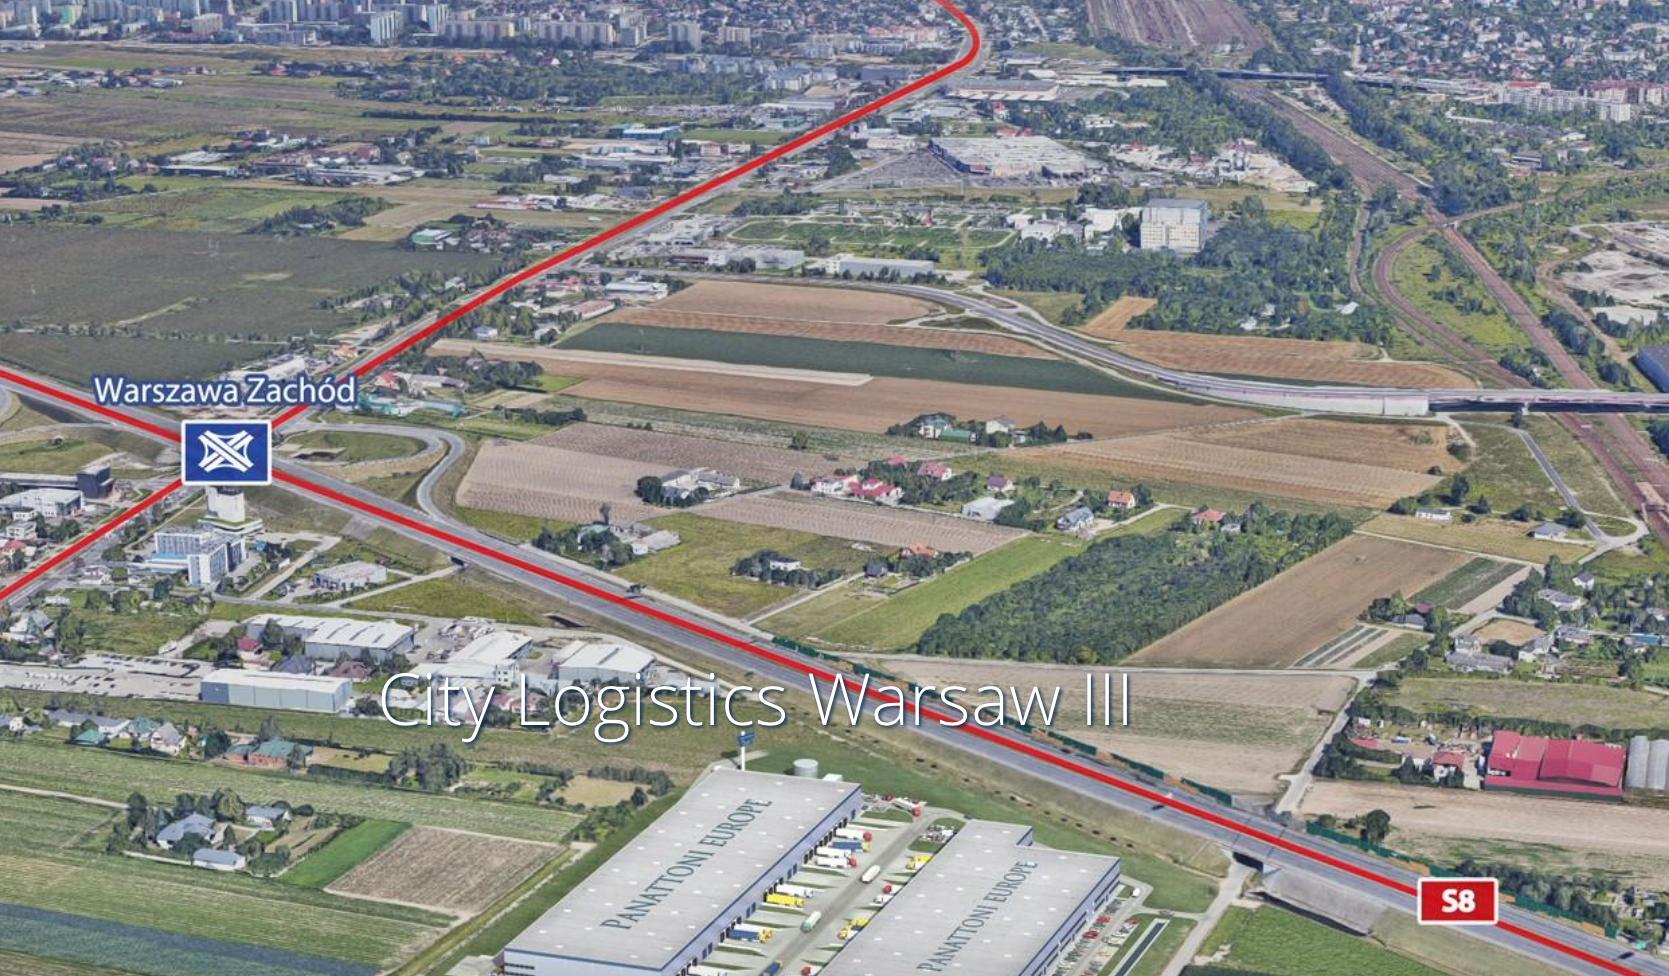 City Logistics Warsaw III